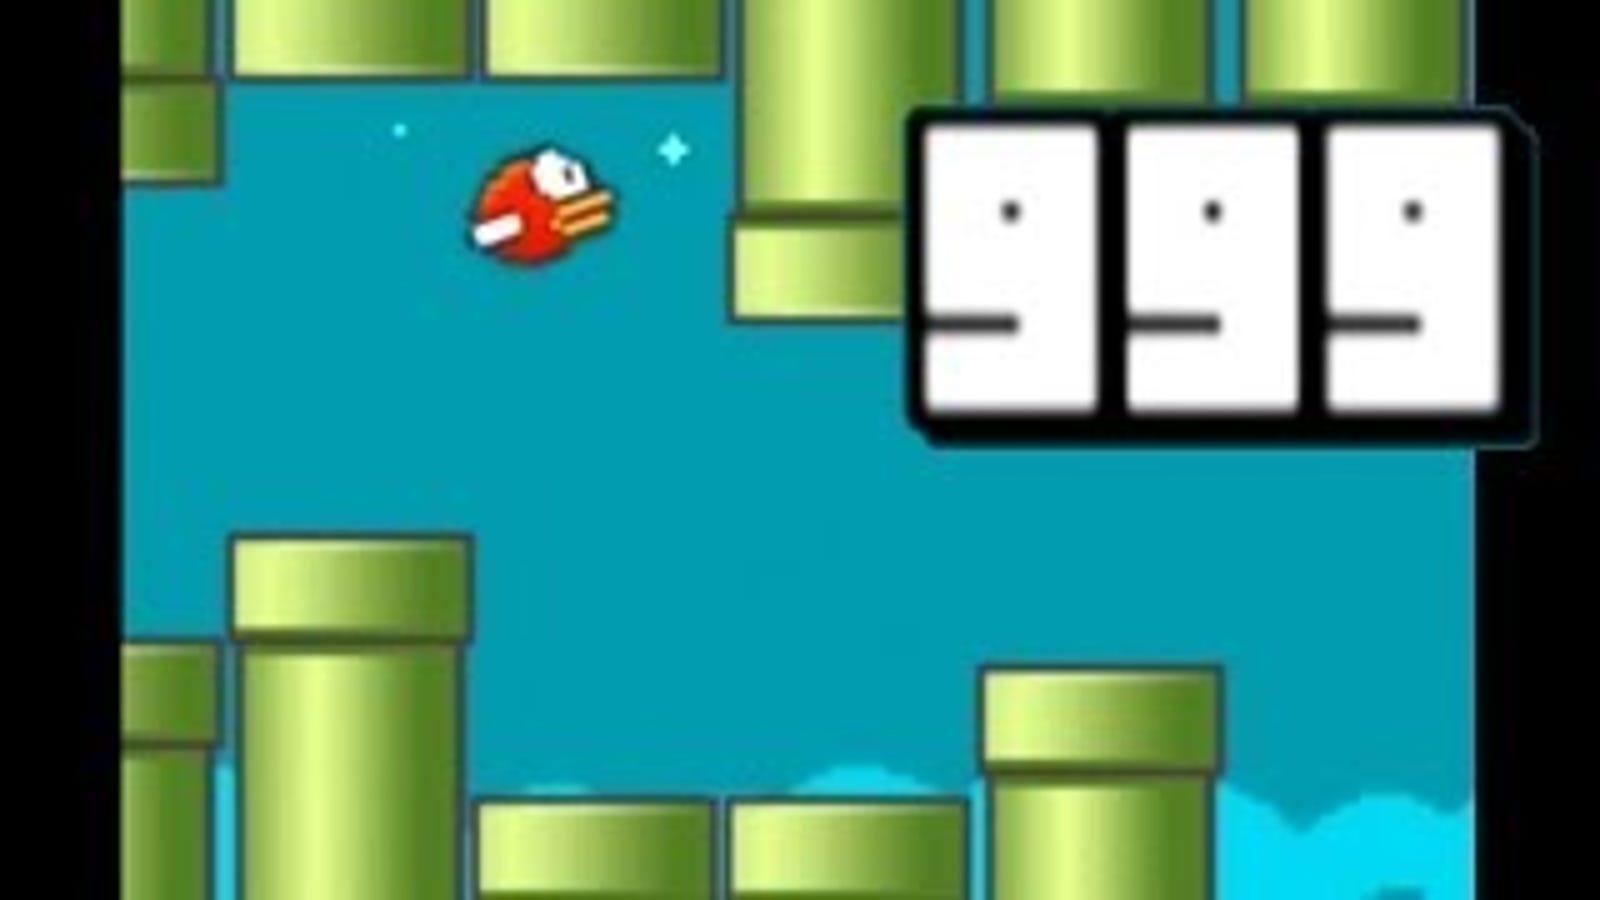 ¿Qué ocurre cuando llegas a 999 puntos en Flappy Bird?